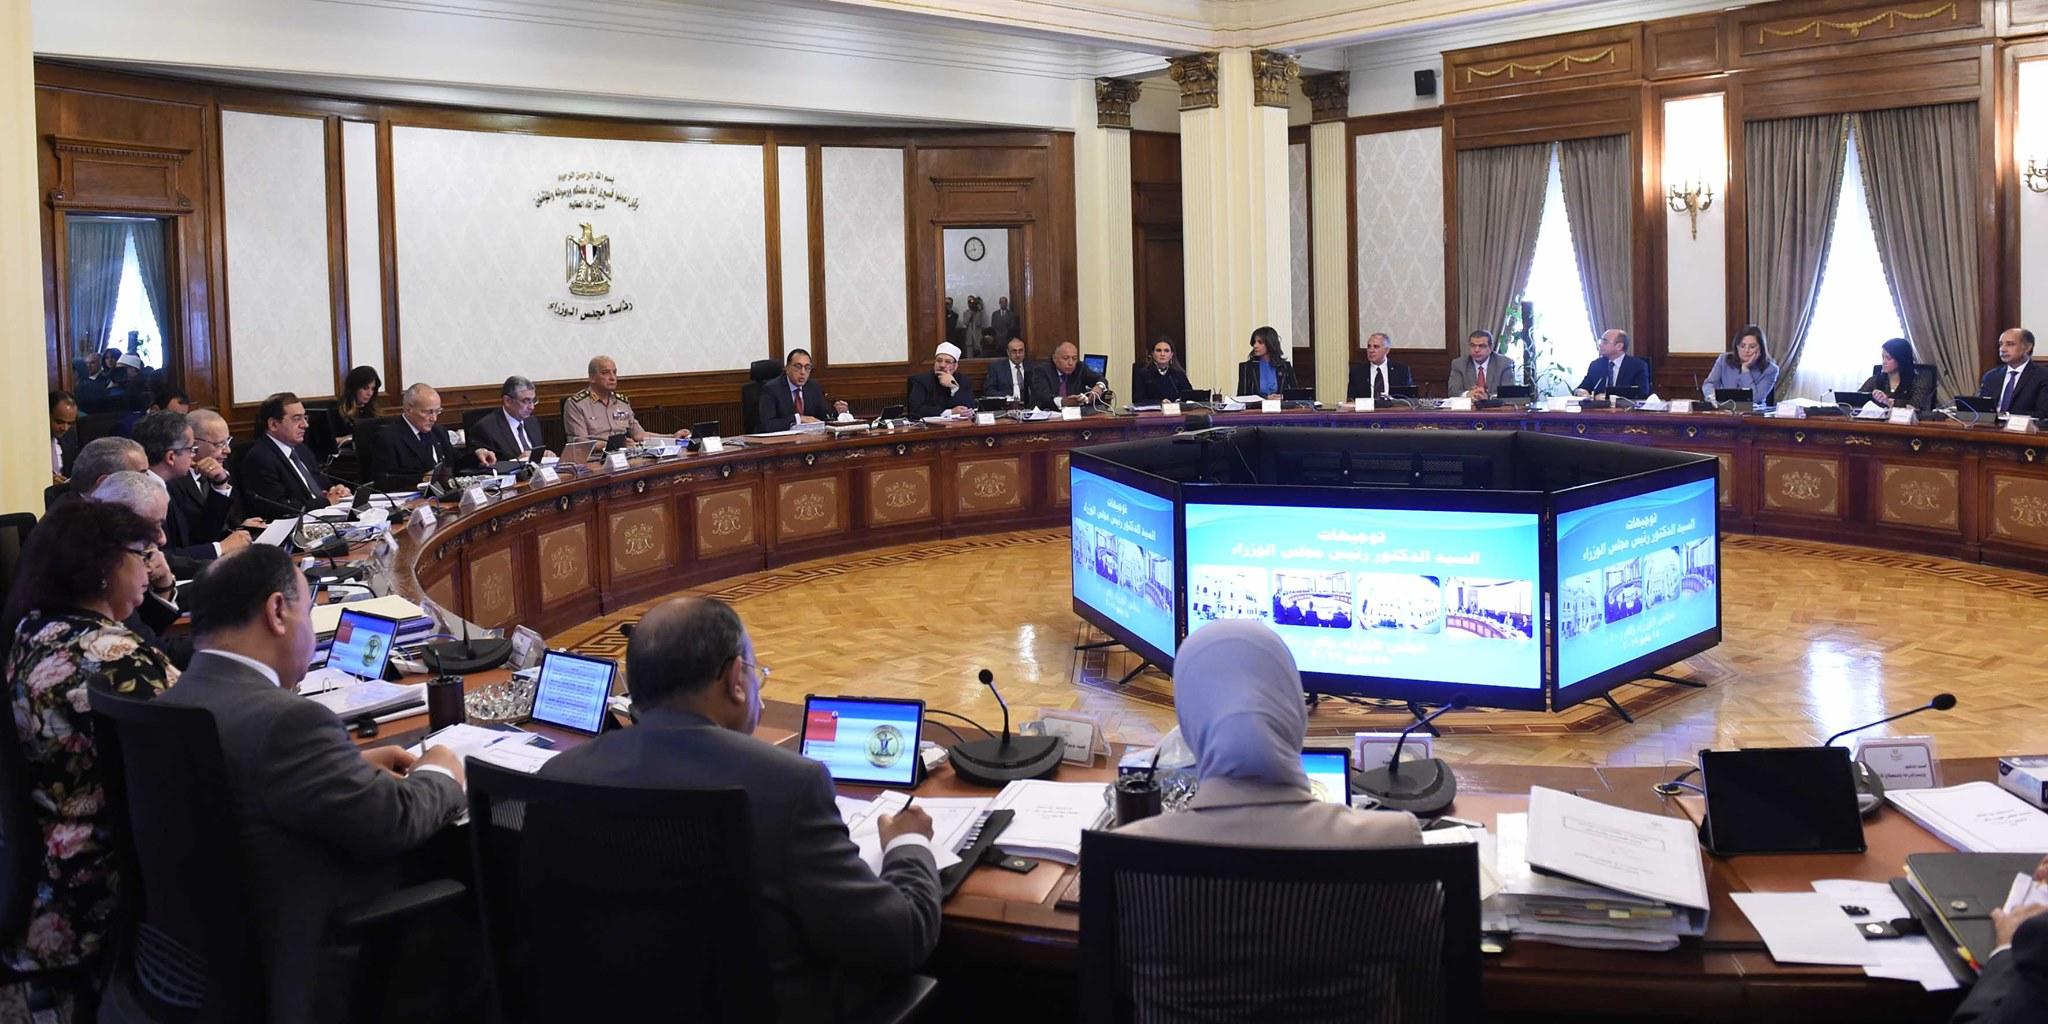 تفاصيل الاجتماع الأسبوعي لمجلس الوزراء برئاسة مصطفى مدبولي